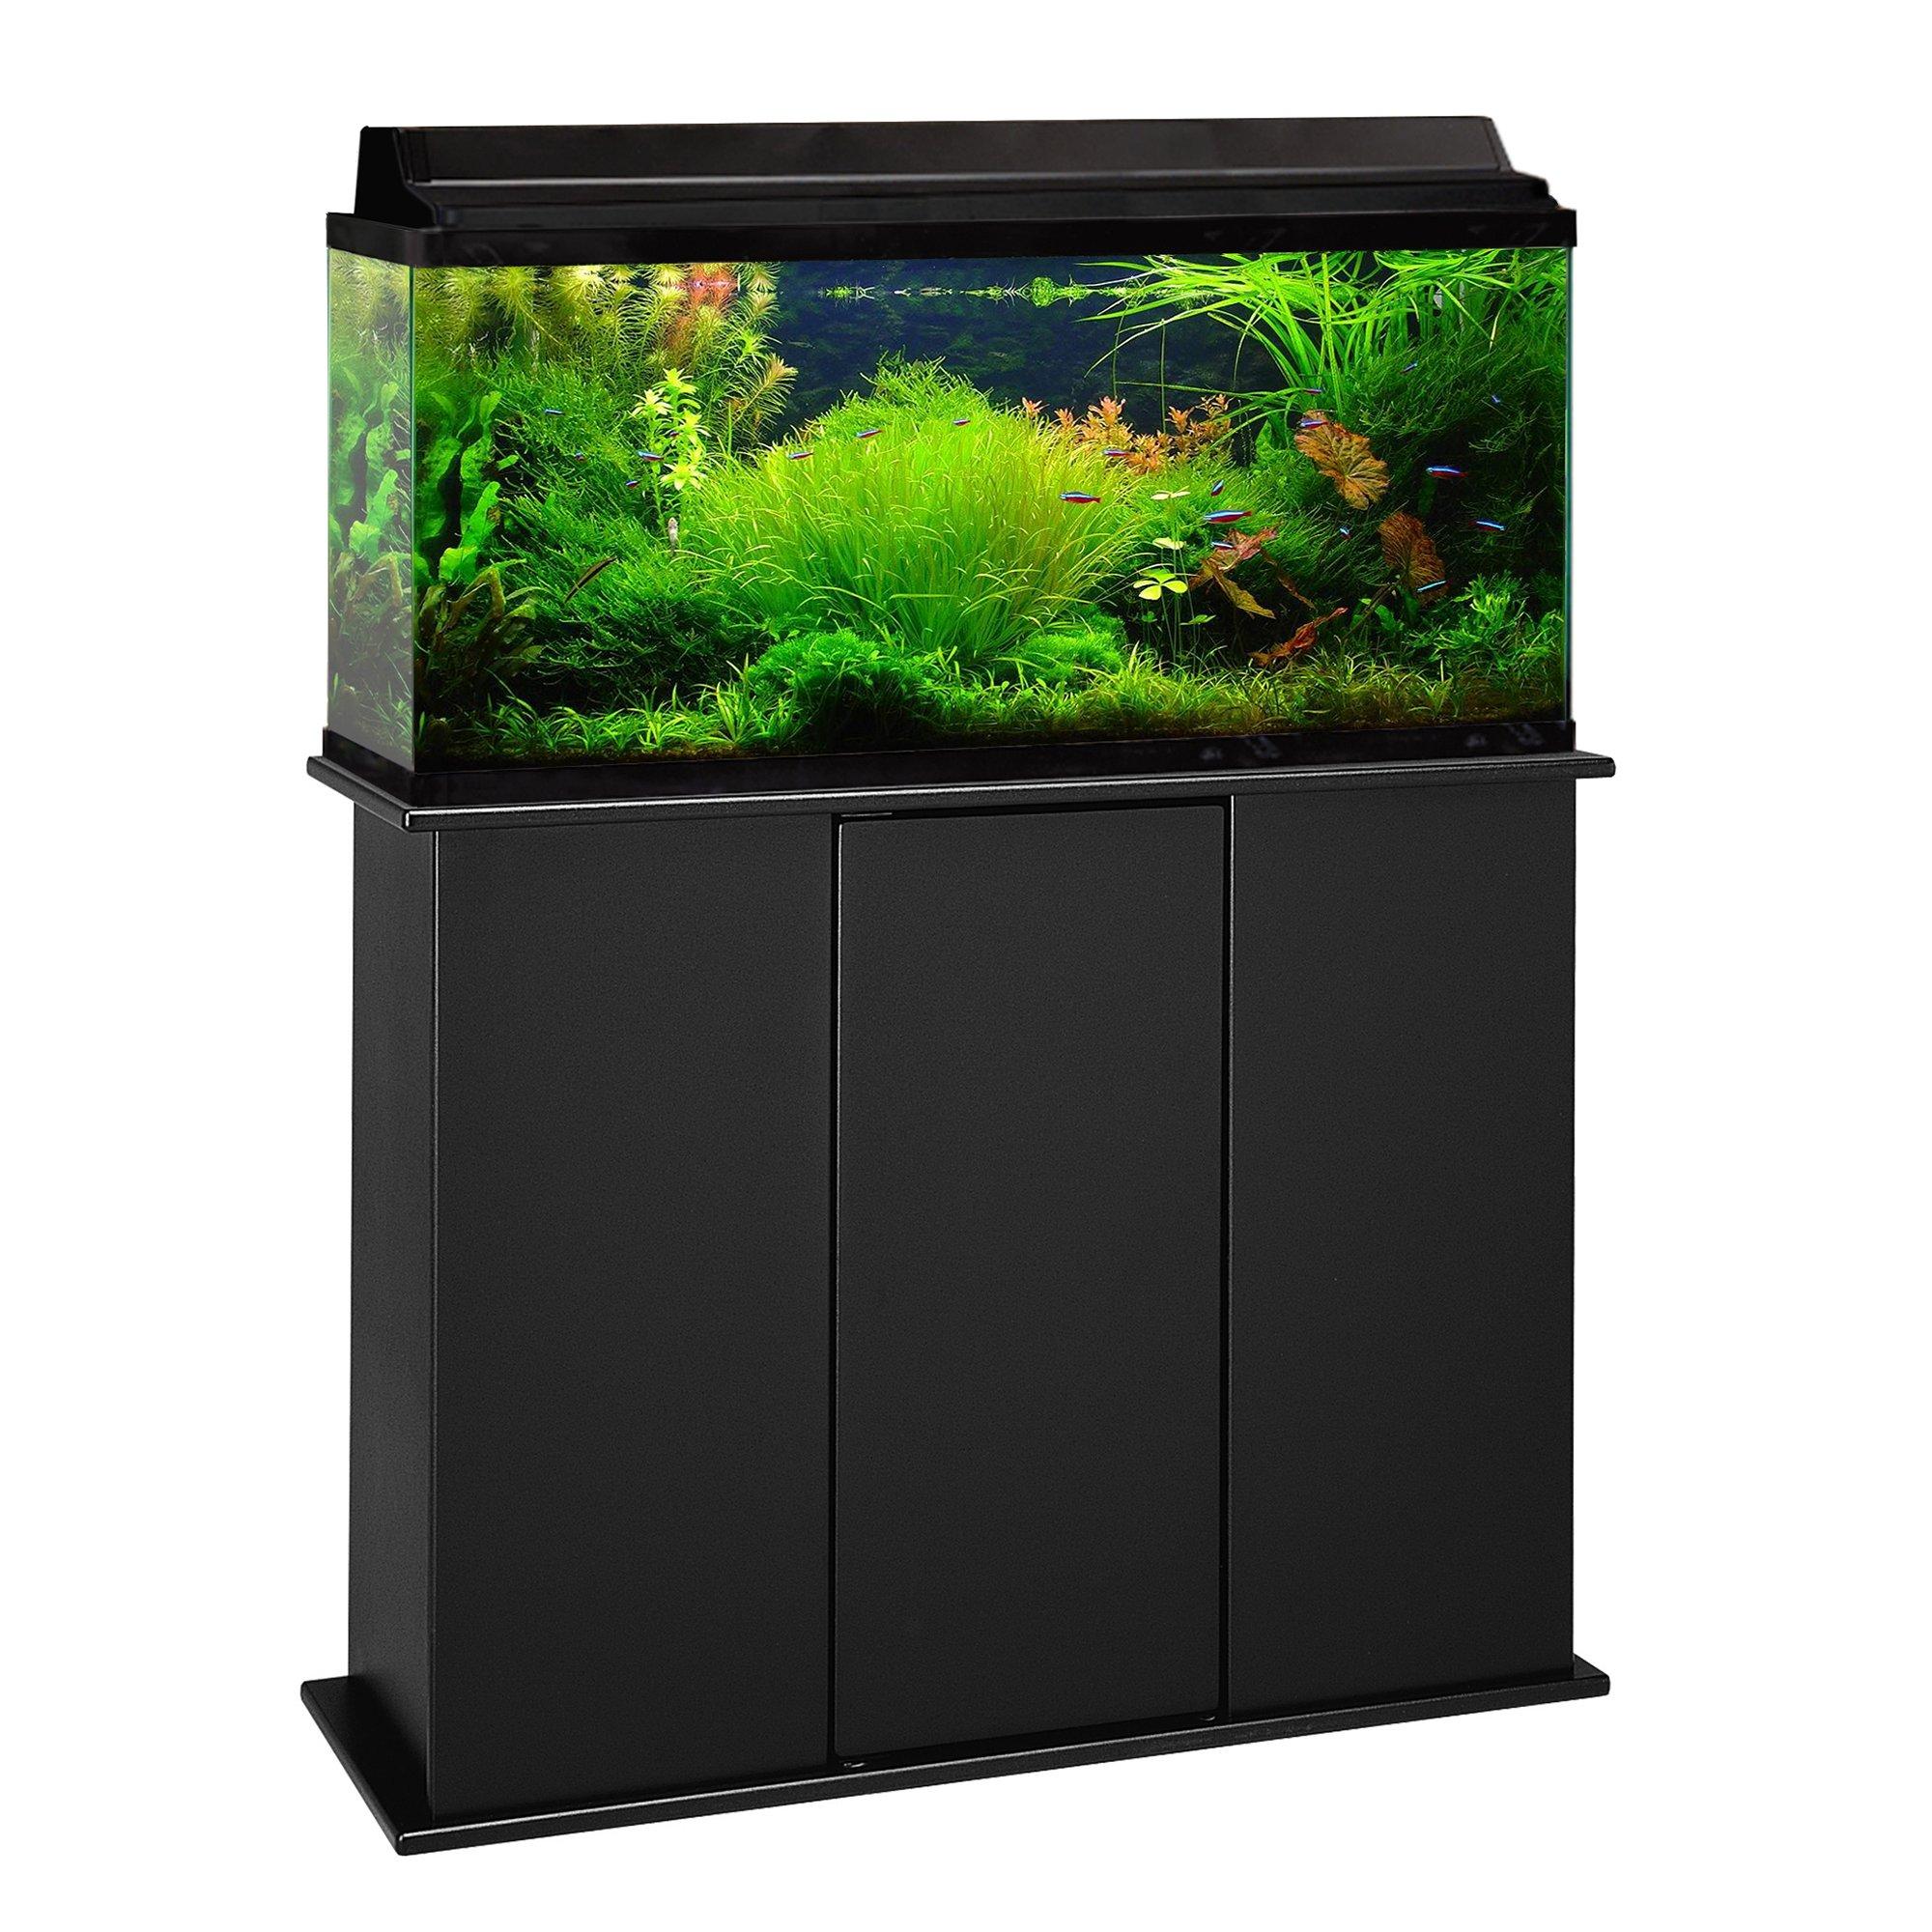 Aquatic fundamentals 30 38 45 gallon upright aquarium for Petco small fish tank